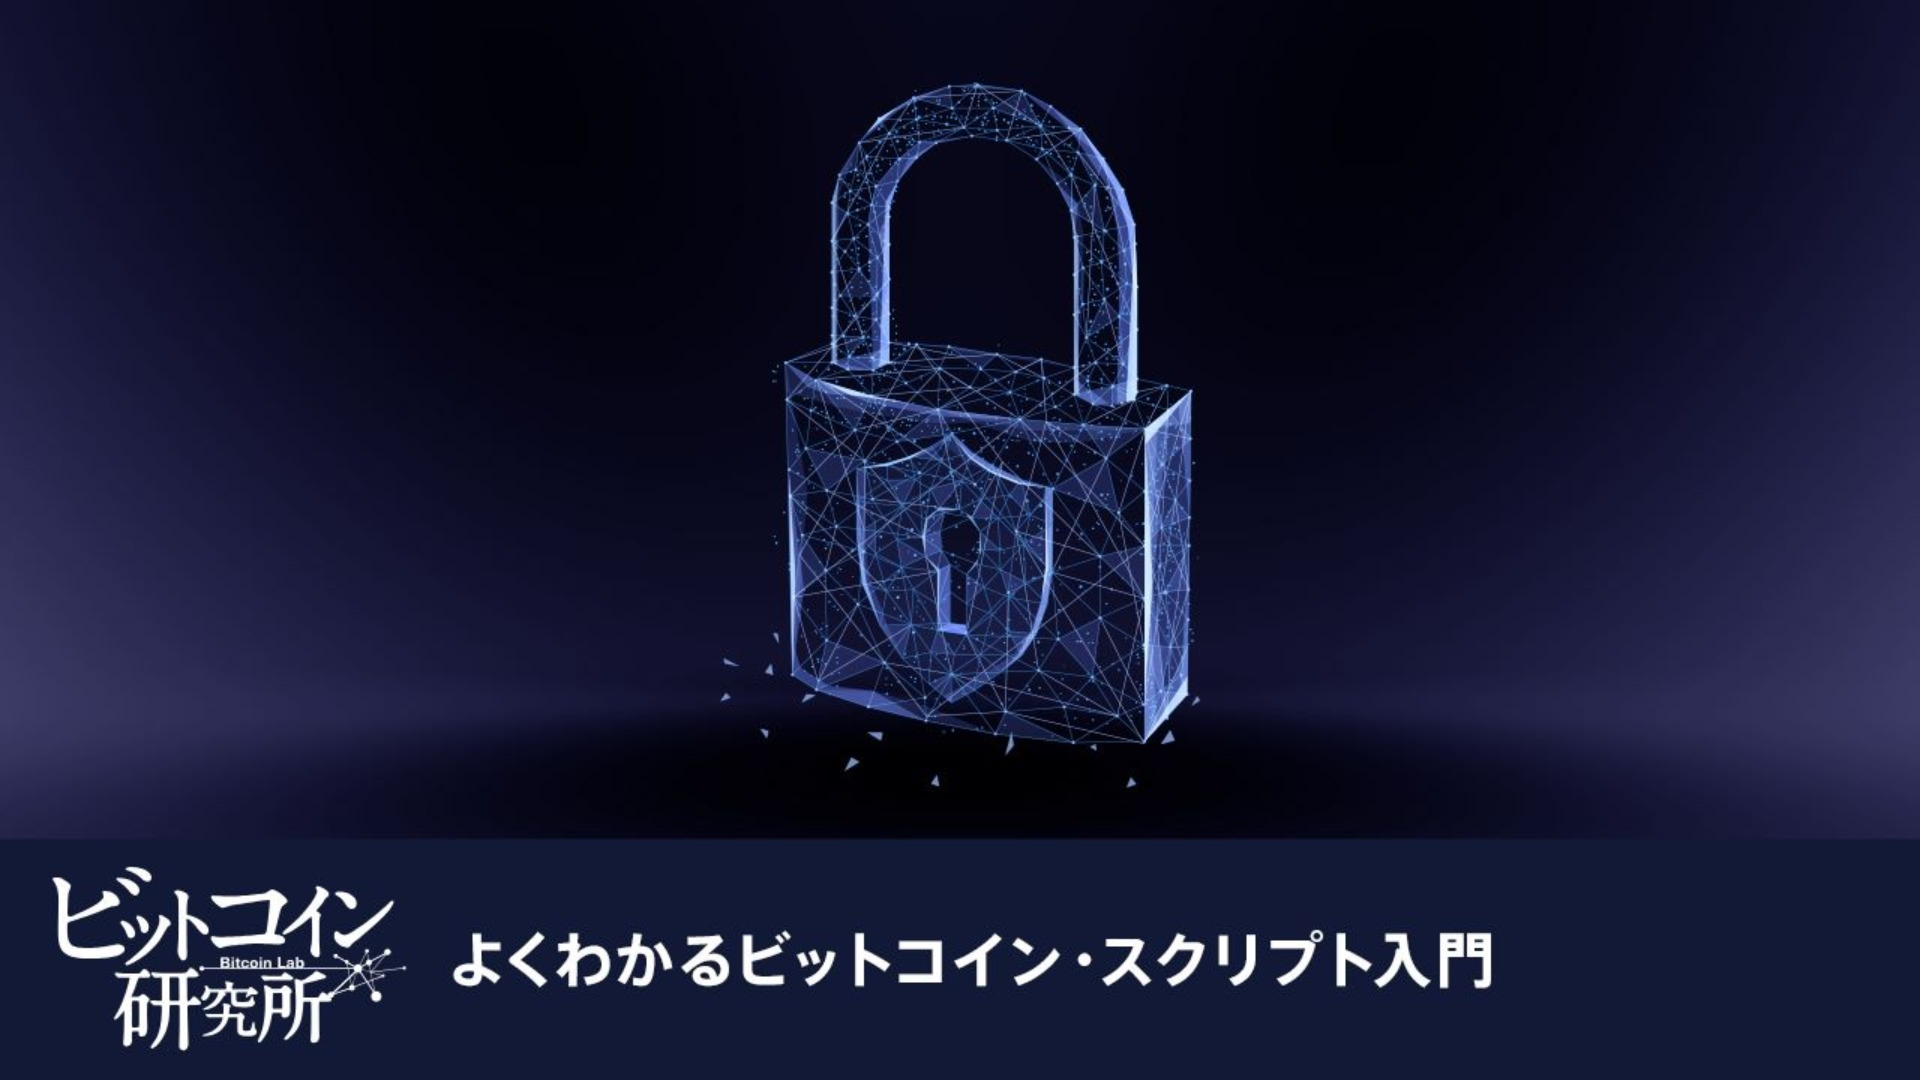 【レポート No.50】よくわかるビットコイン・スクリプト入門